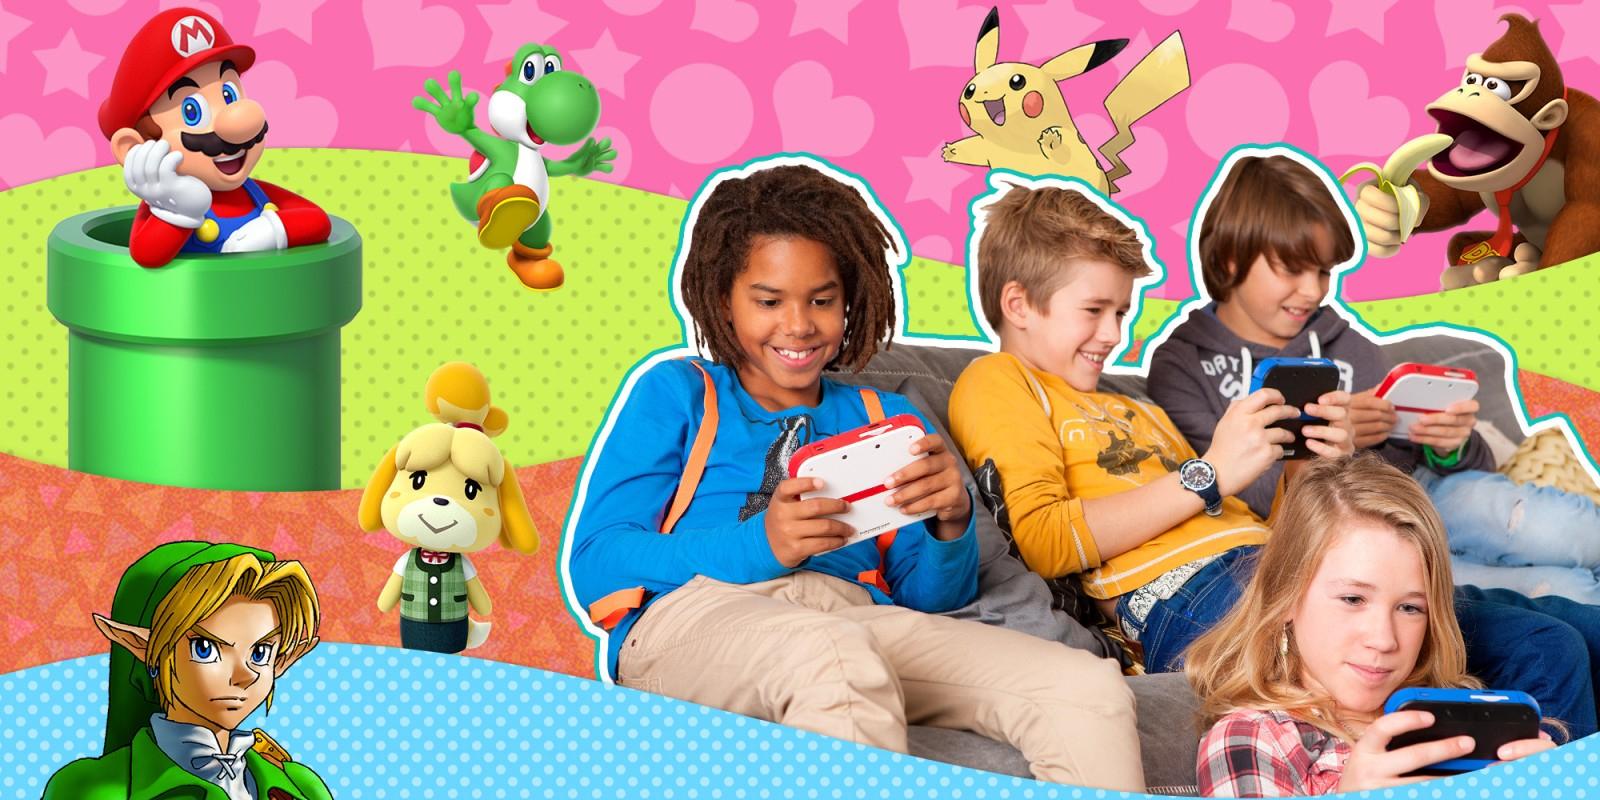 Jeux Nintendo Pour Les Enfants | Nintendo destiné Jeux Fille Gratuit 8 Ans